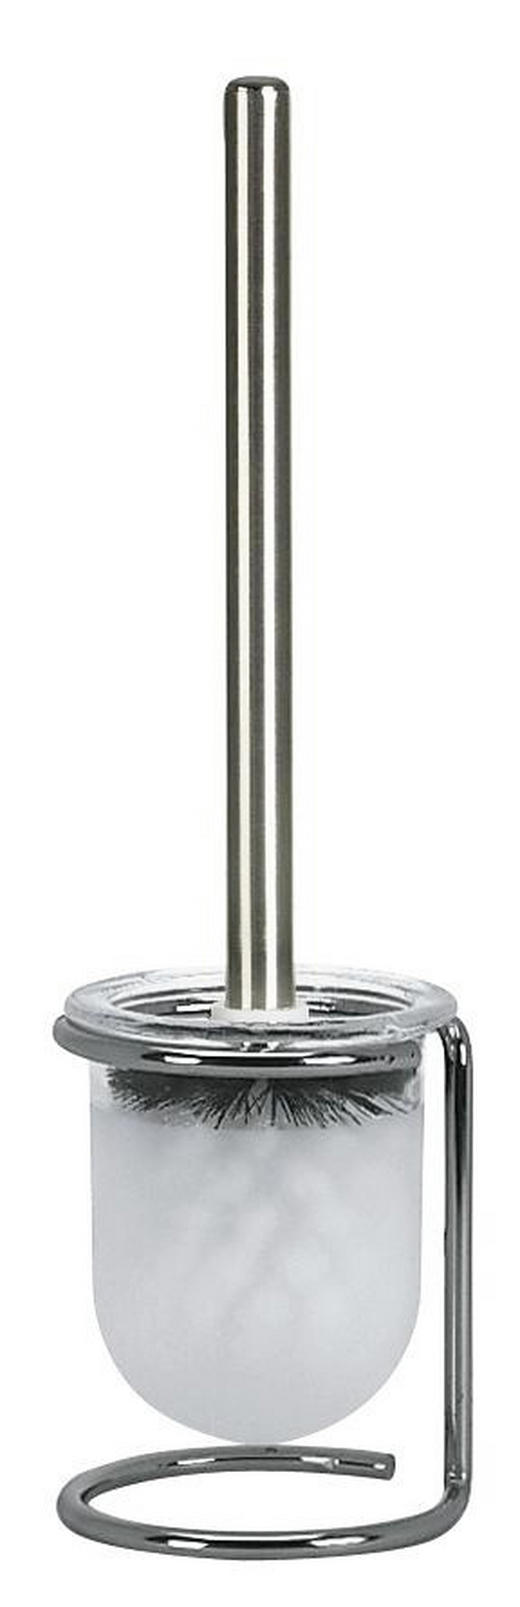 WC-BÜRSTENGARNITUR - Chromfarben/Weiß, Basics, Glas/Kunststoff (11/40cm) - SPIRELLA